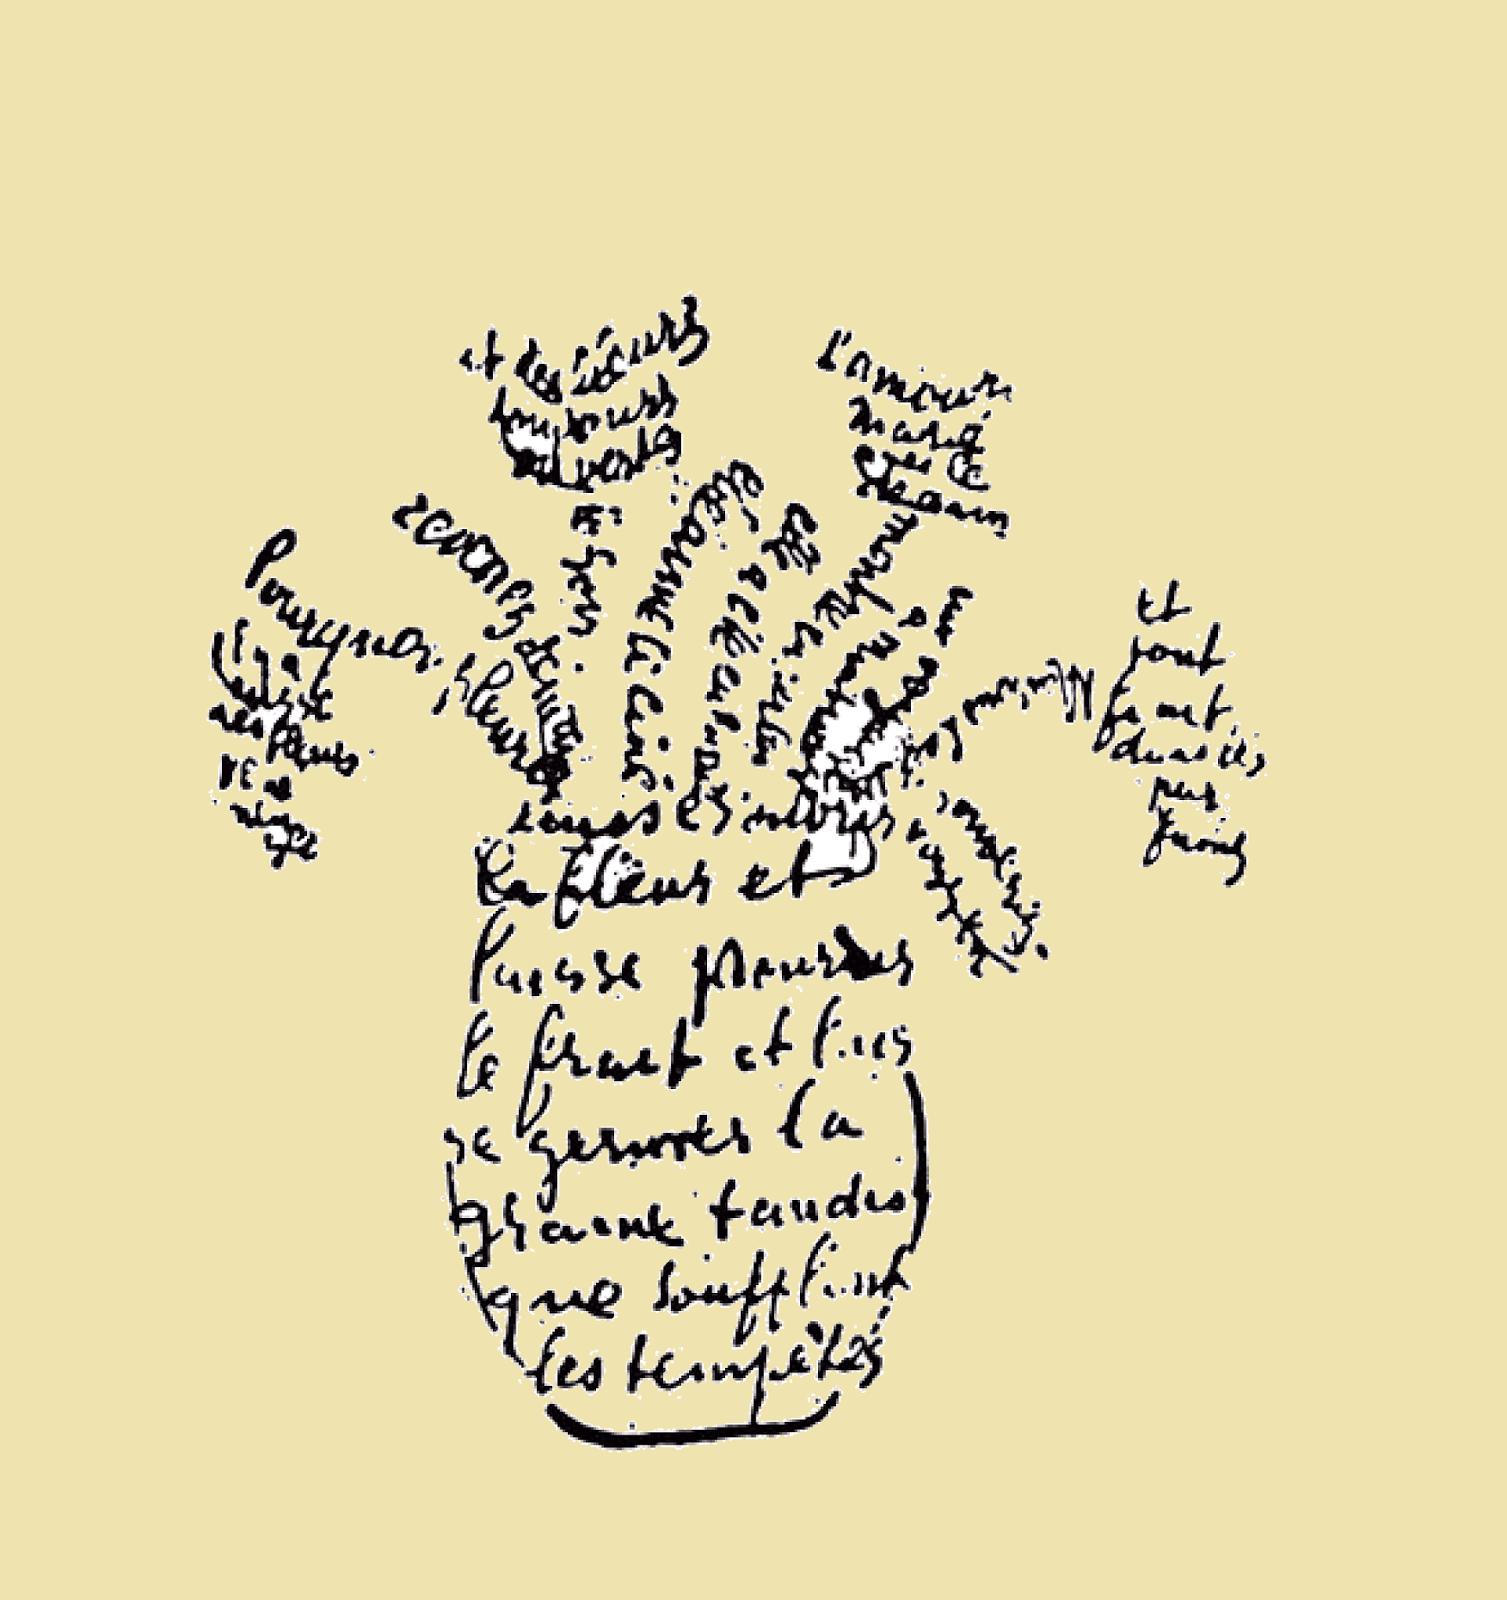 Apesanteur dessine moi un po me for Coeur couronne et miroir apollinaire